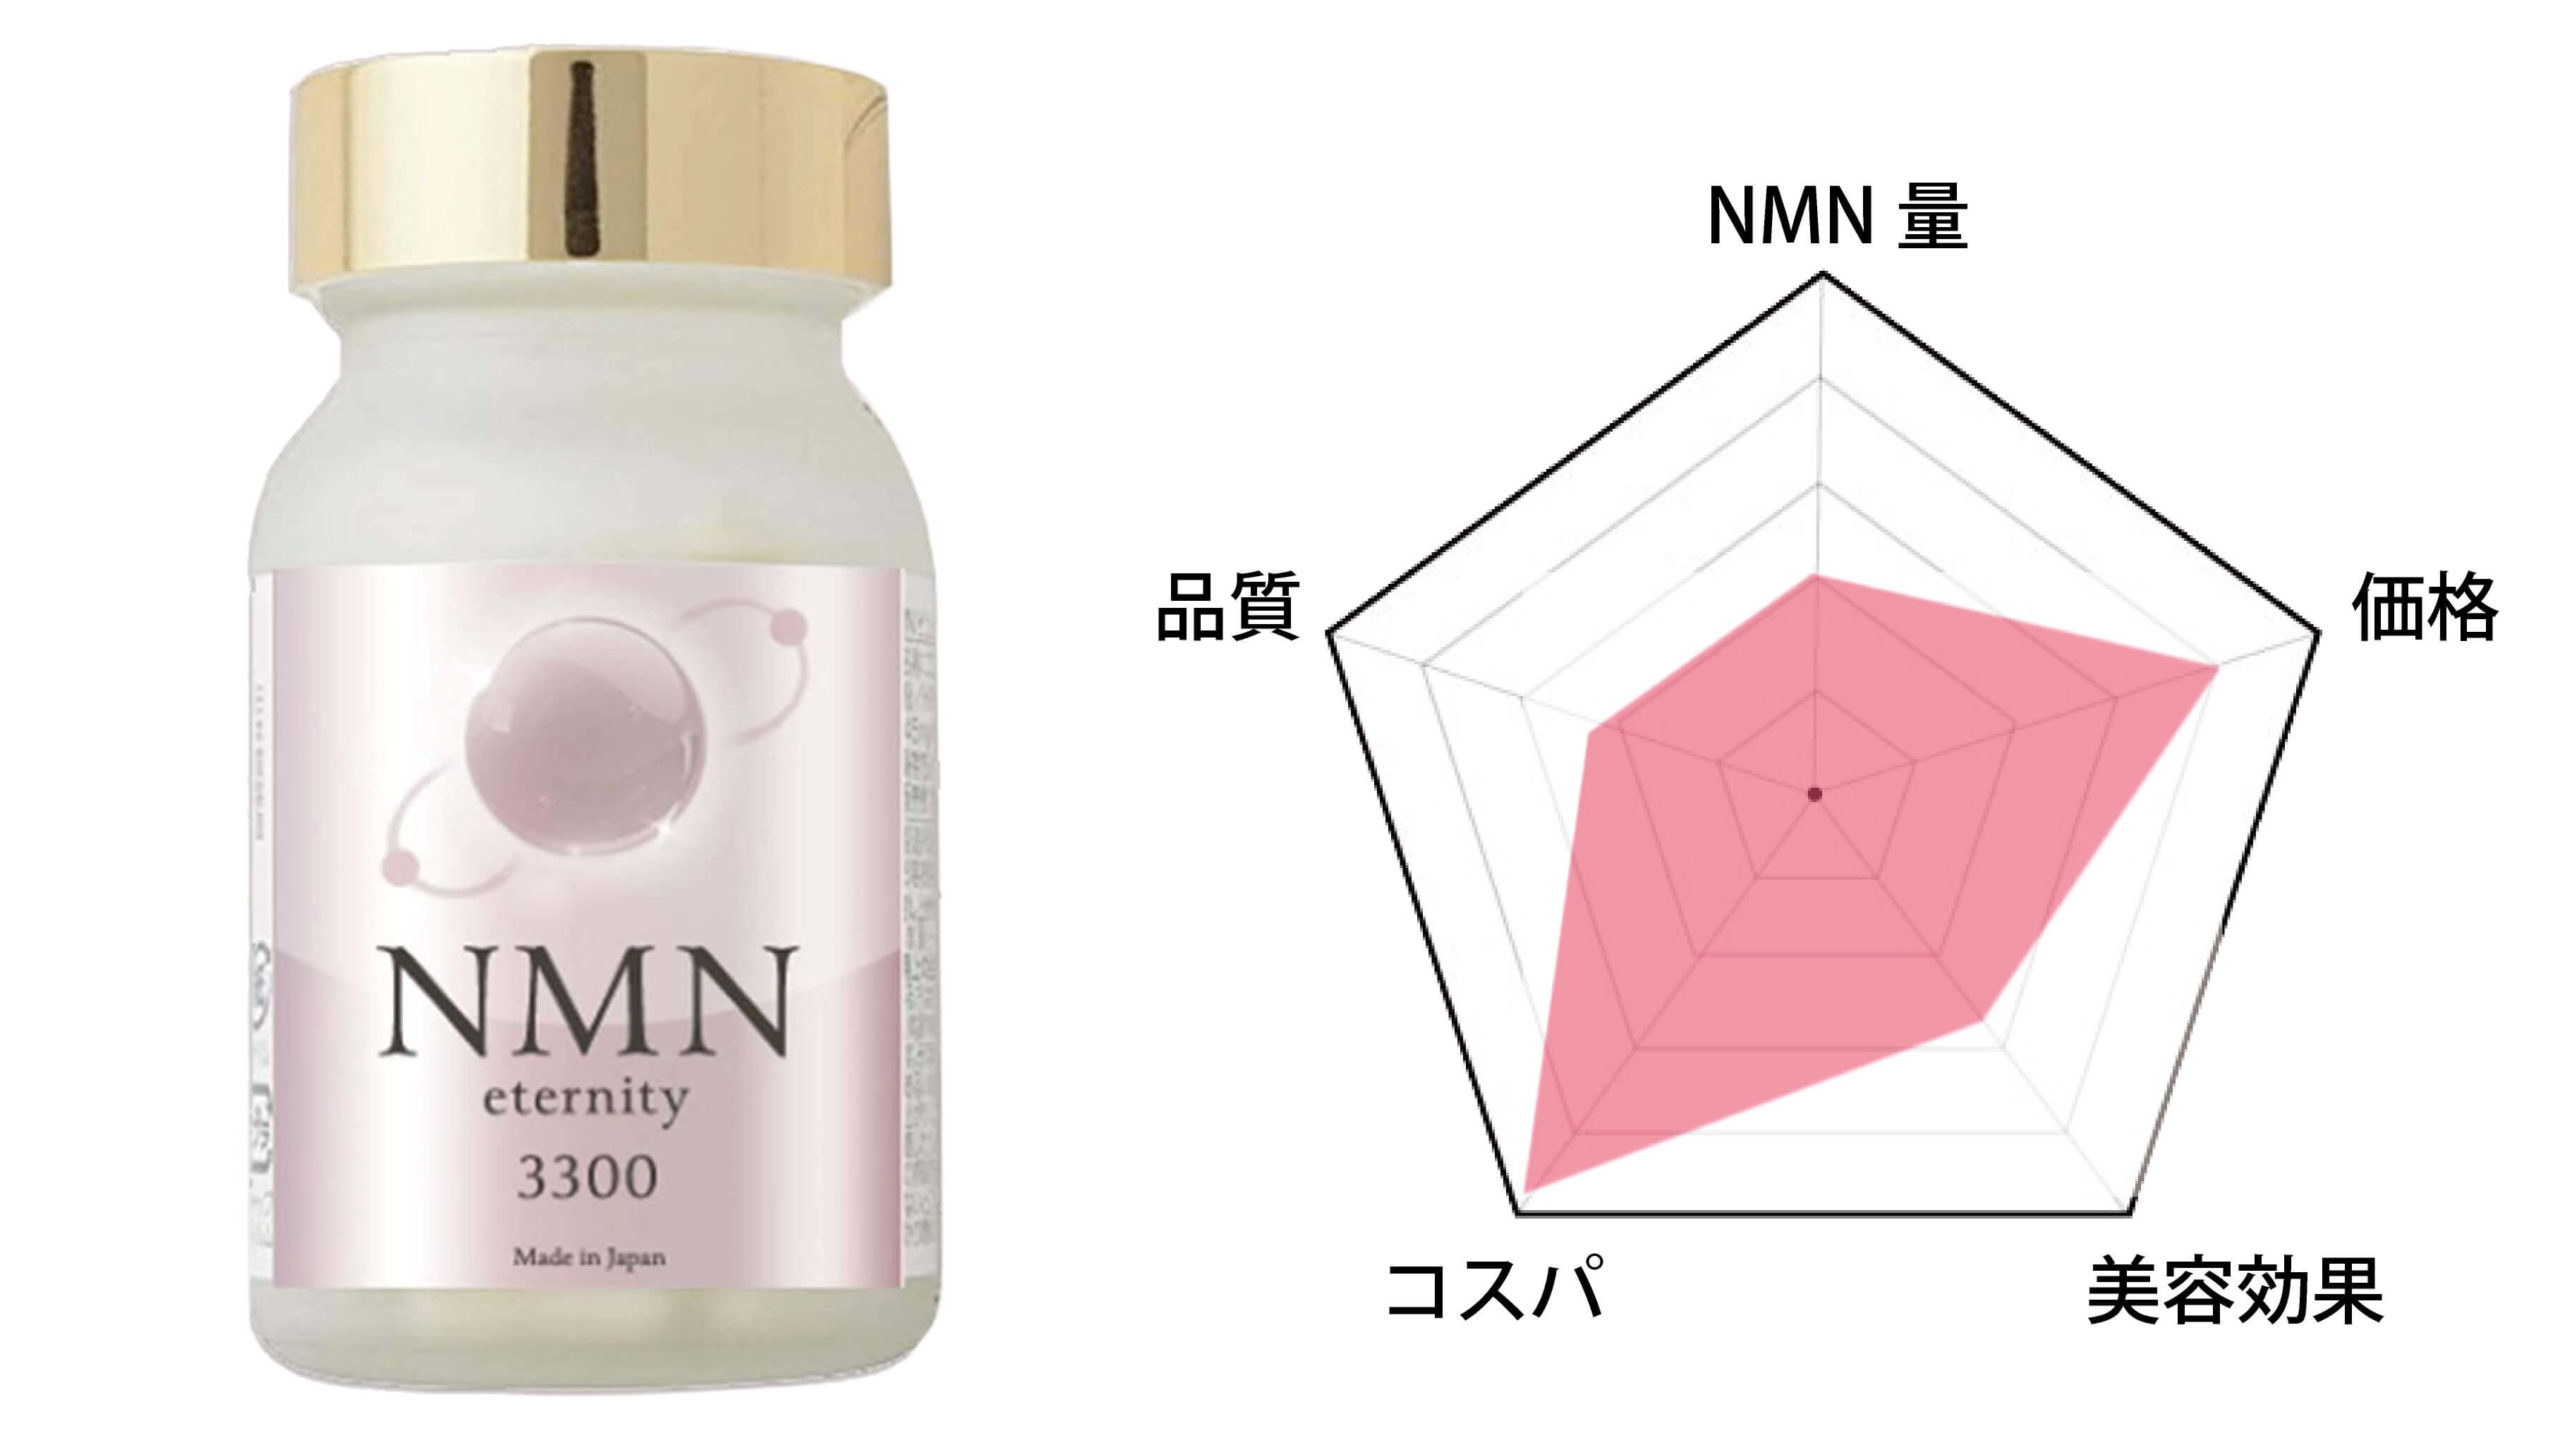 第5位「NMN eternity 3300」